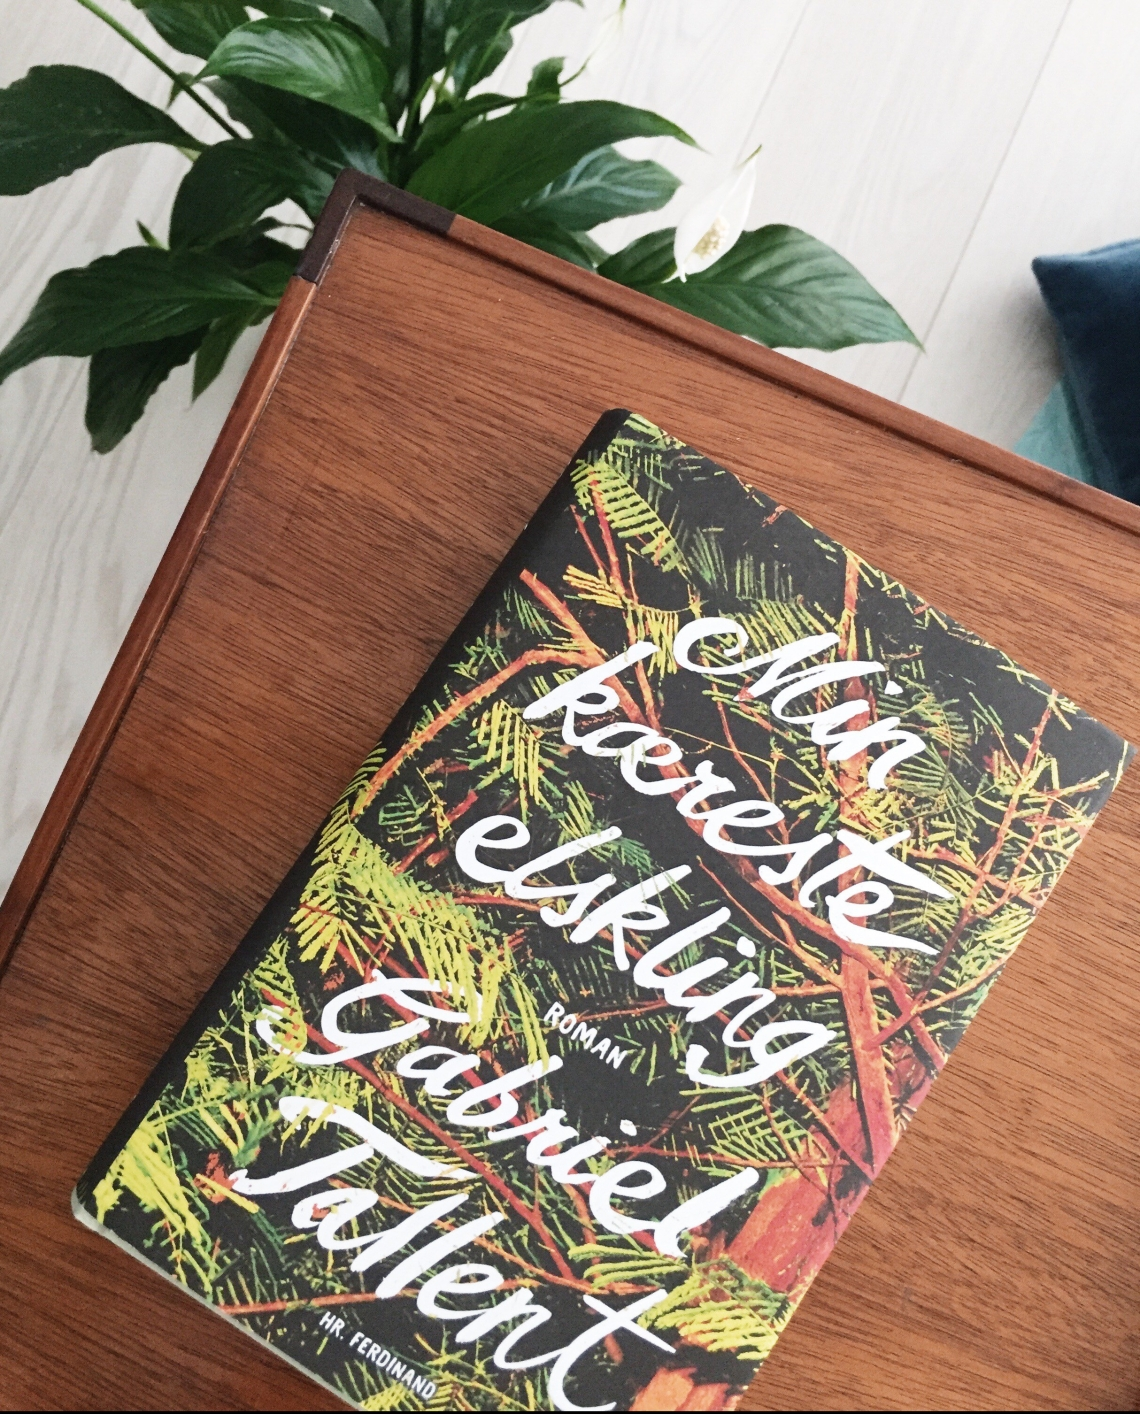 Et billede af romanen Min kæreste elskling af den amerikanske forfatter Gabriel Tallent